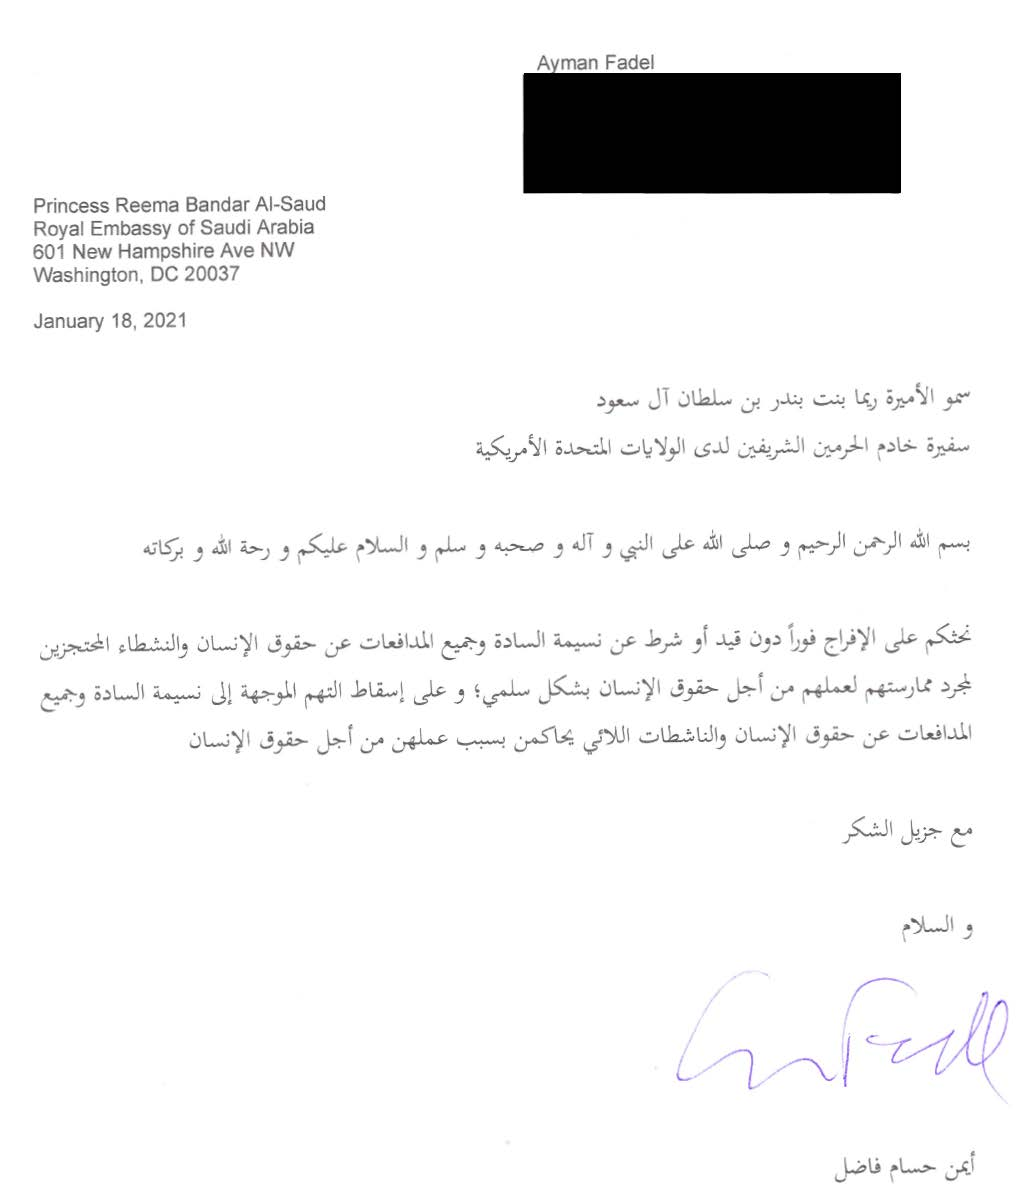 @rbalsaud @kingsalman @nasema33 #FreeNassima #الحرية_لنسيم_السادة #المملكة_العربية_السعودية #حقوق_الإنسان #HumanRights  #WriteForRights #W4R2020